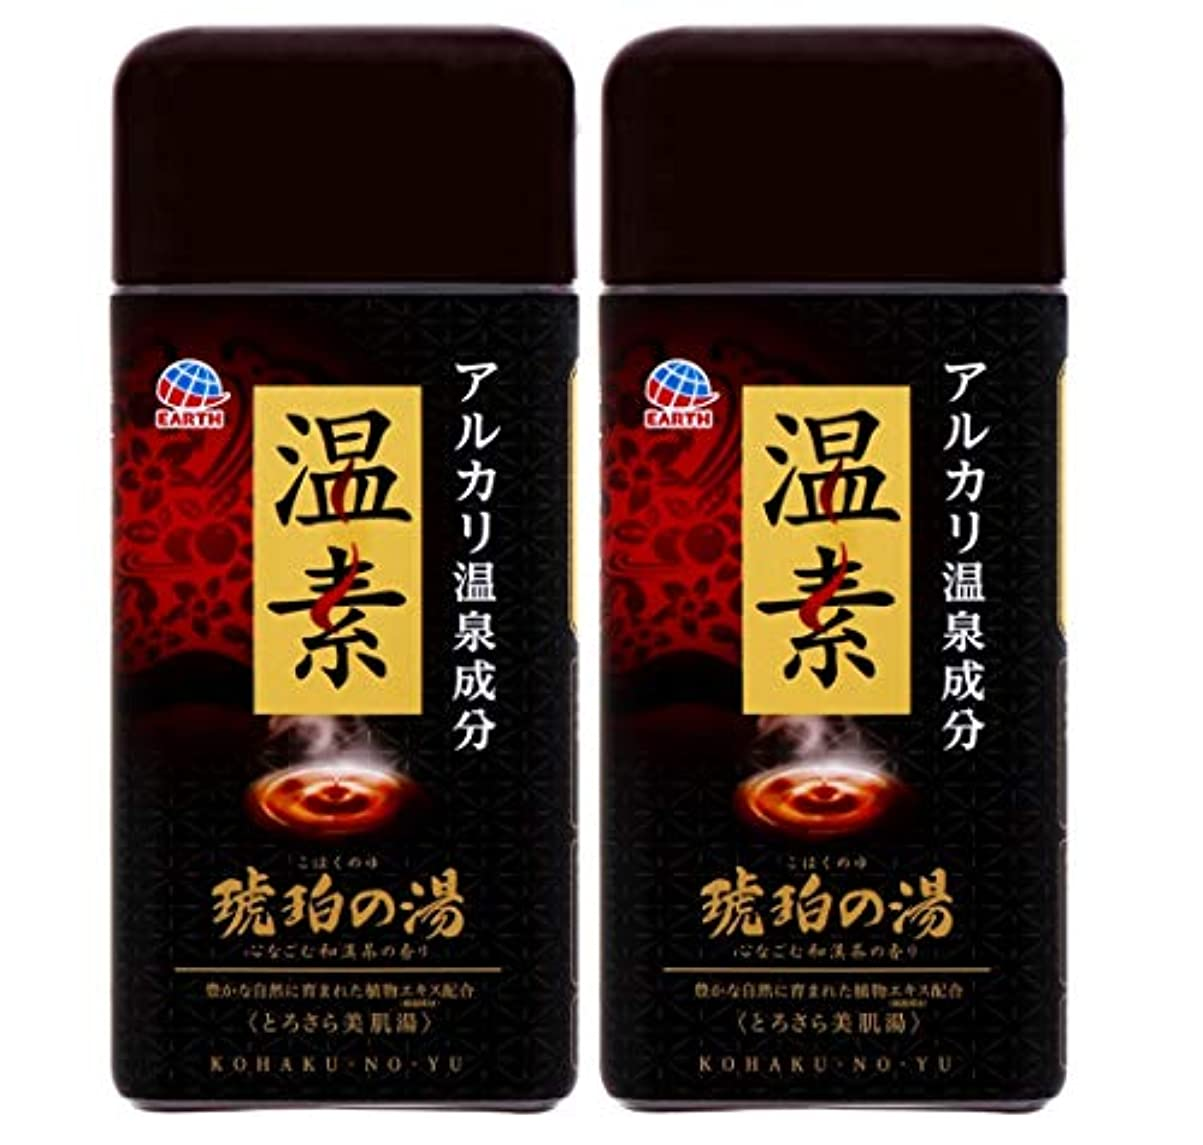 悔い改める銅ブリーク[Amazon限定ブランド] 温素 琥珀の湯 いい湯めぐり 入浴剤 600g x 2個